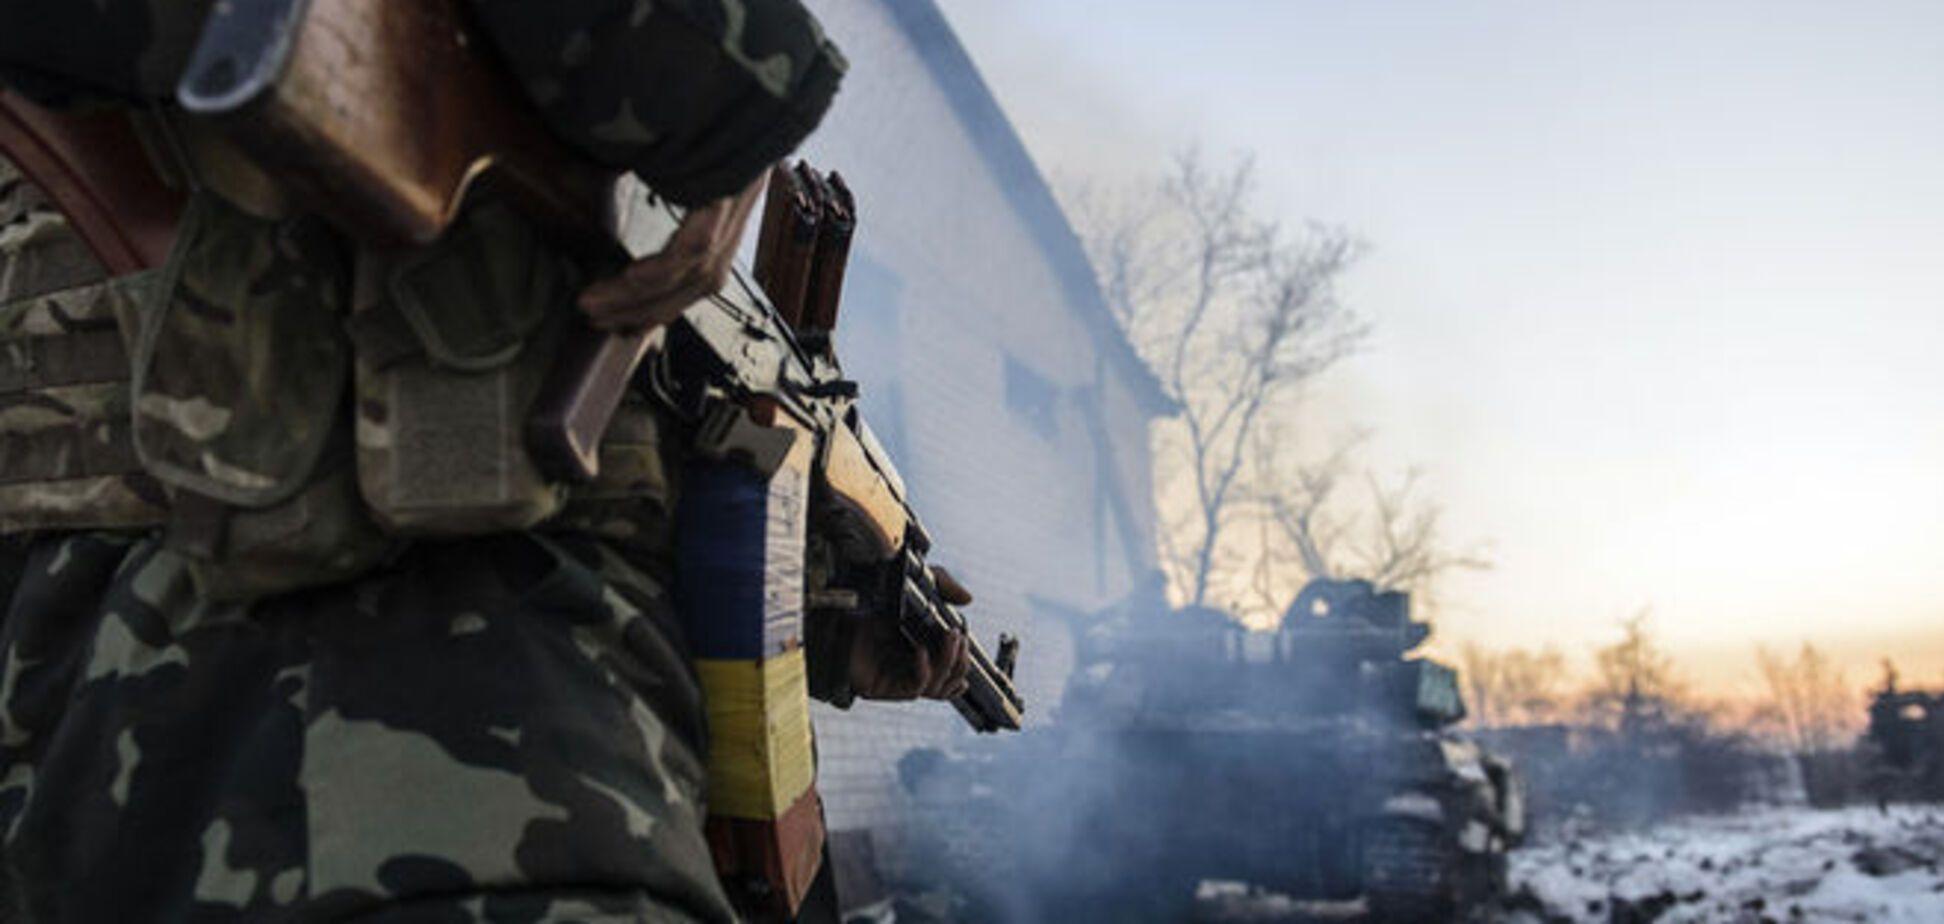 Климкин рассказал о запасном плане на случай наступления боевиков и наемников на Донбассе